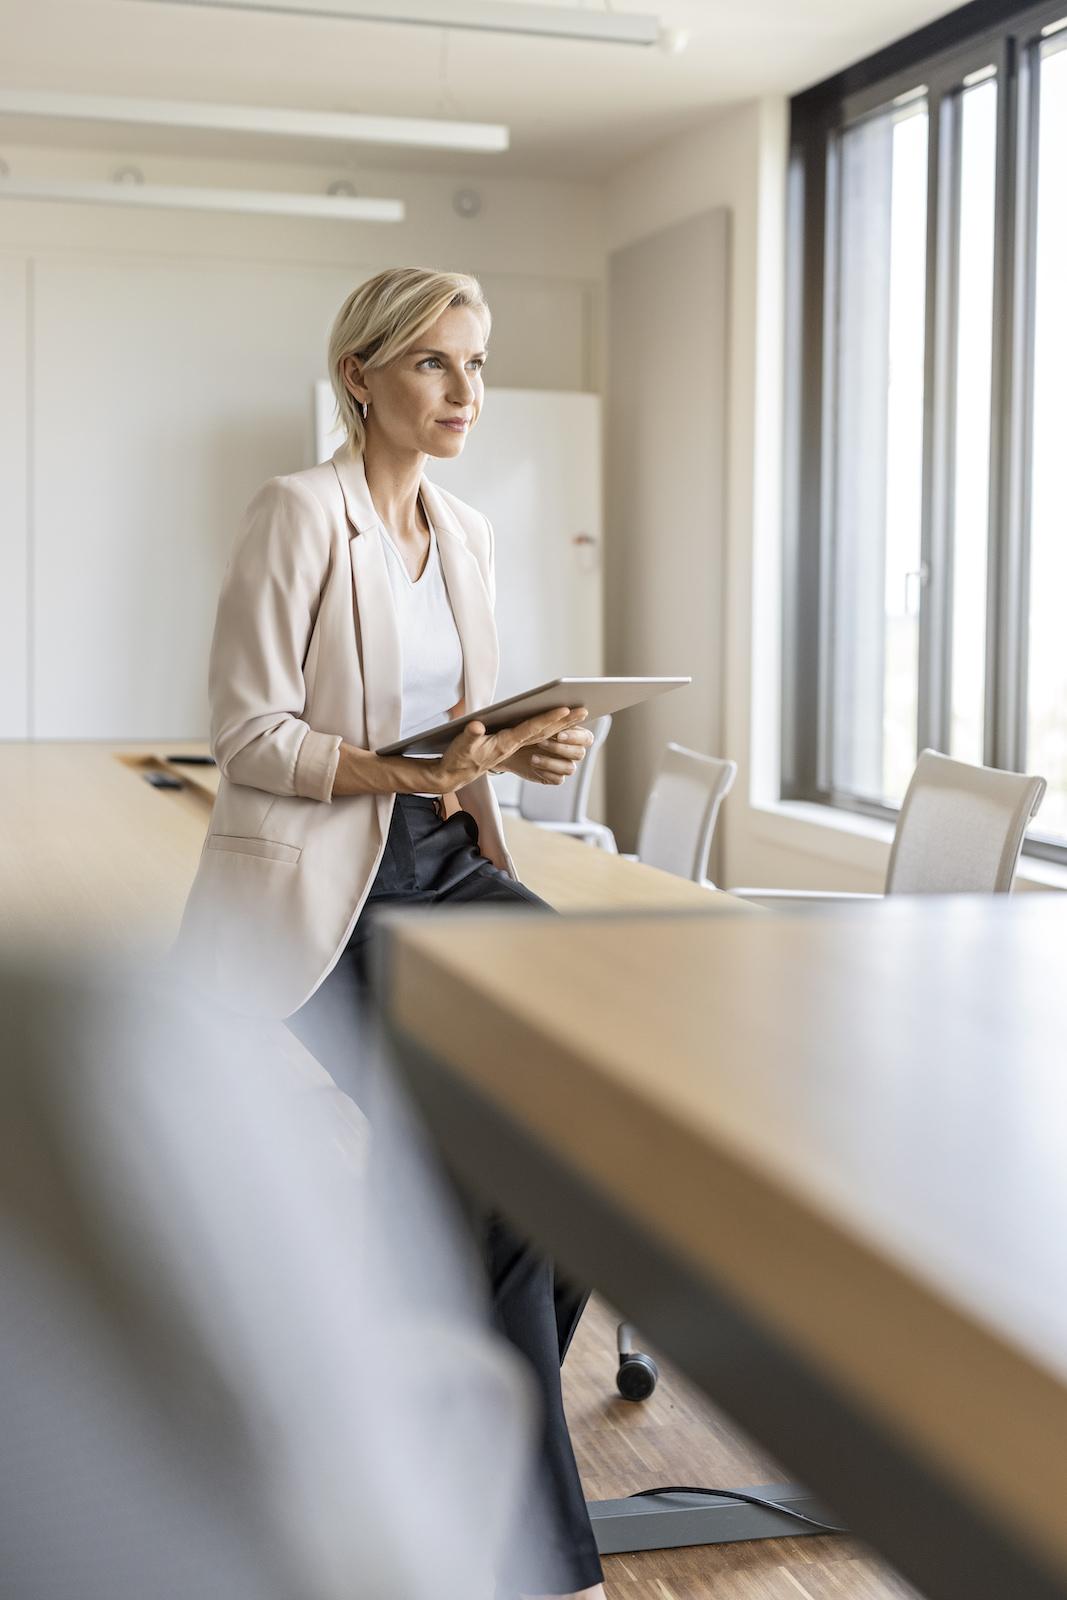 weibliche Führungskraft allein in Meetingraum